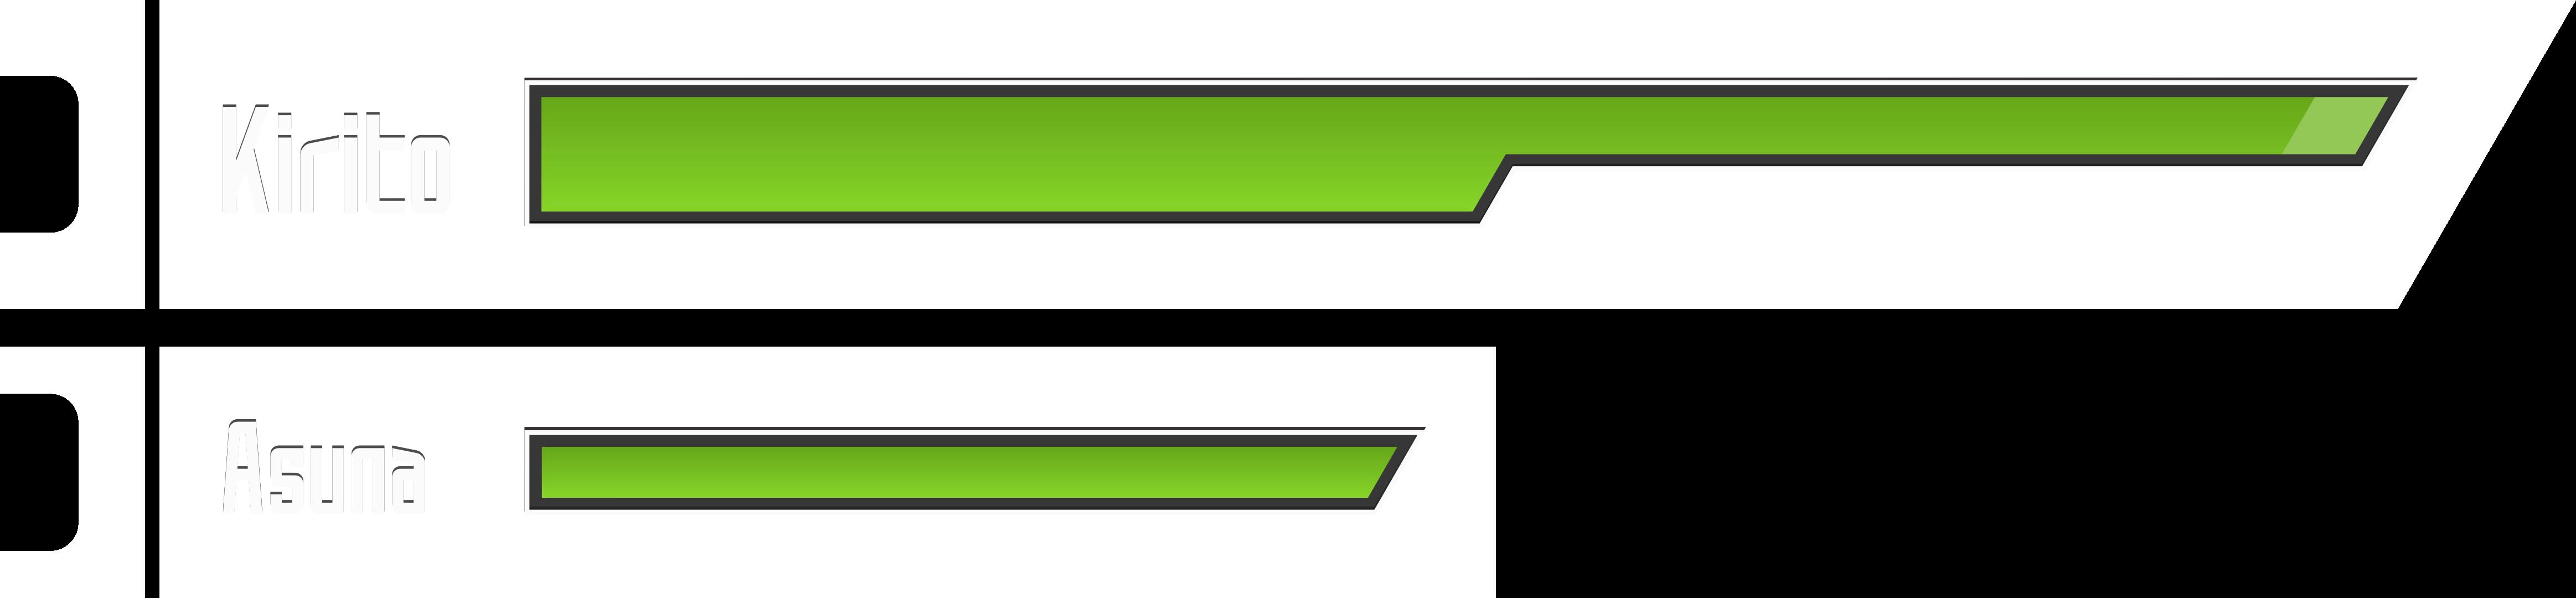 Sword Art Online HP Bar